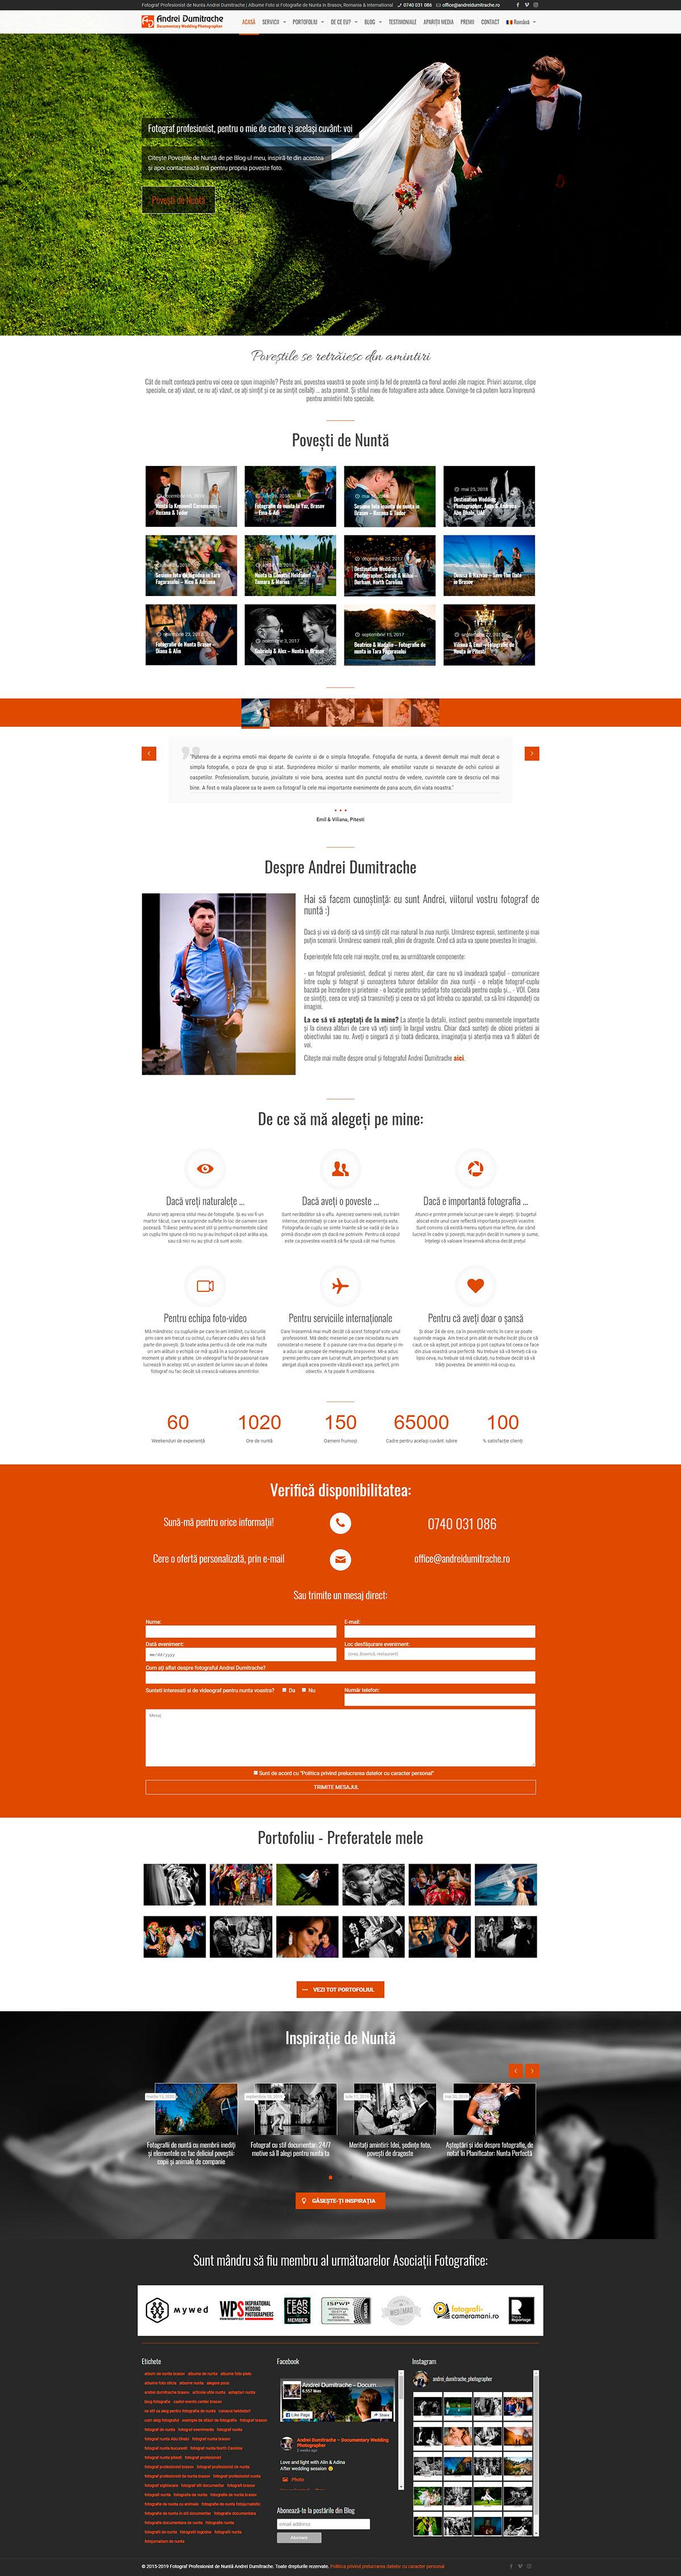 Realizăm site de prezentare în WordPress full responsive și care se vede perfect pe mobil